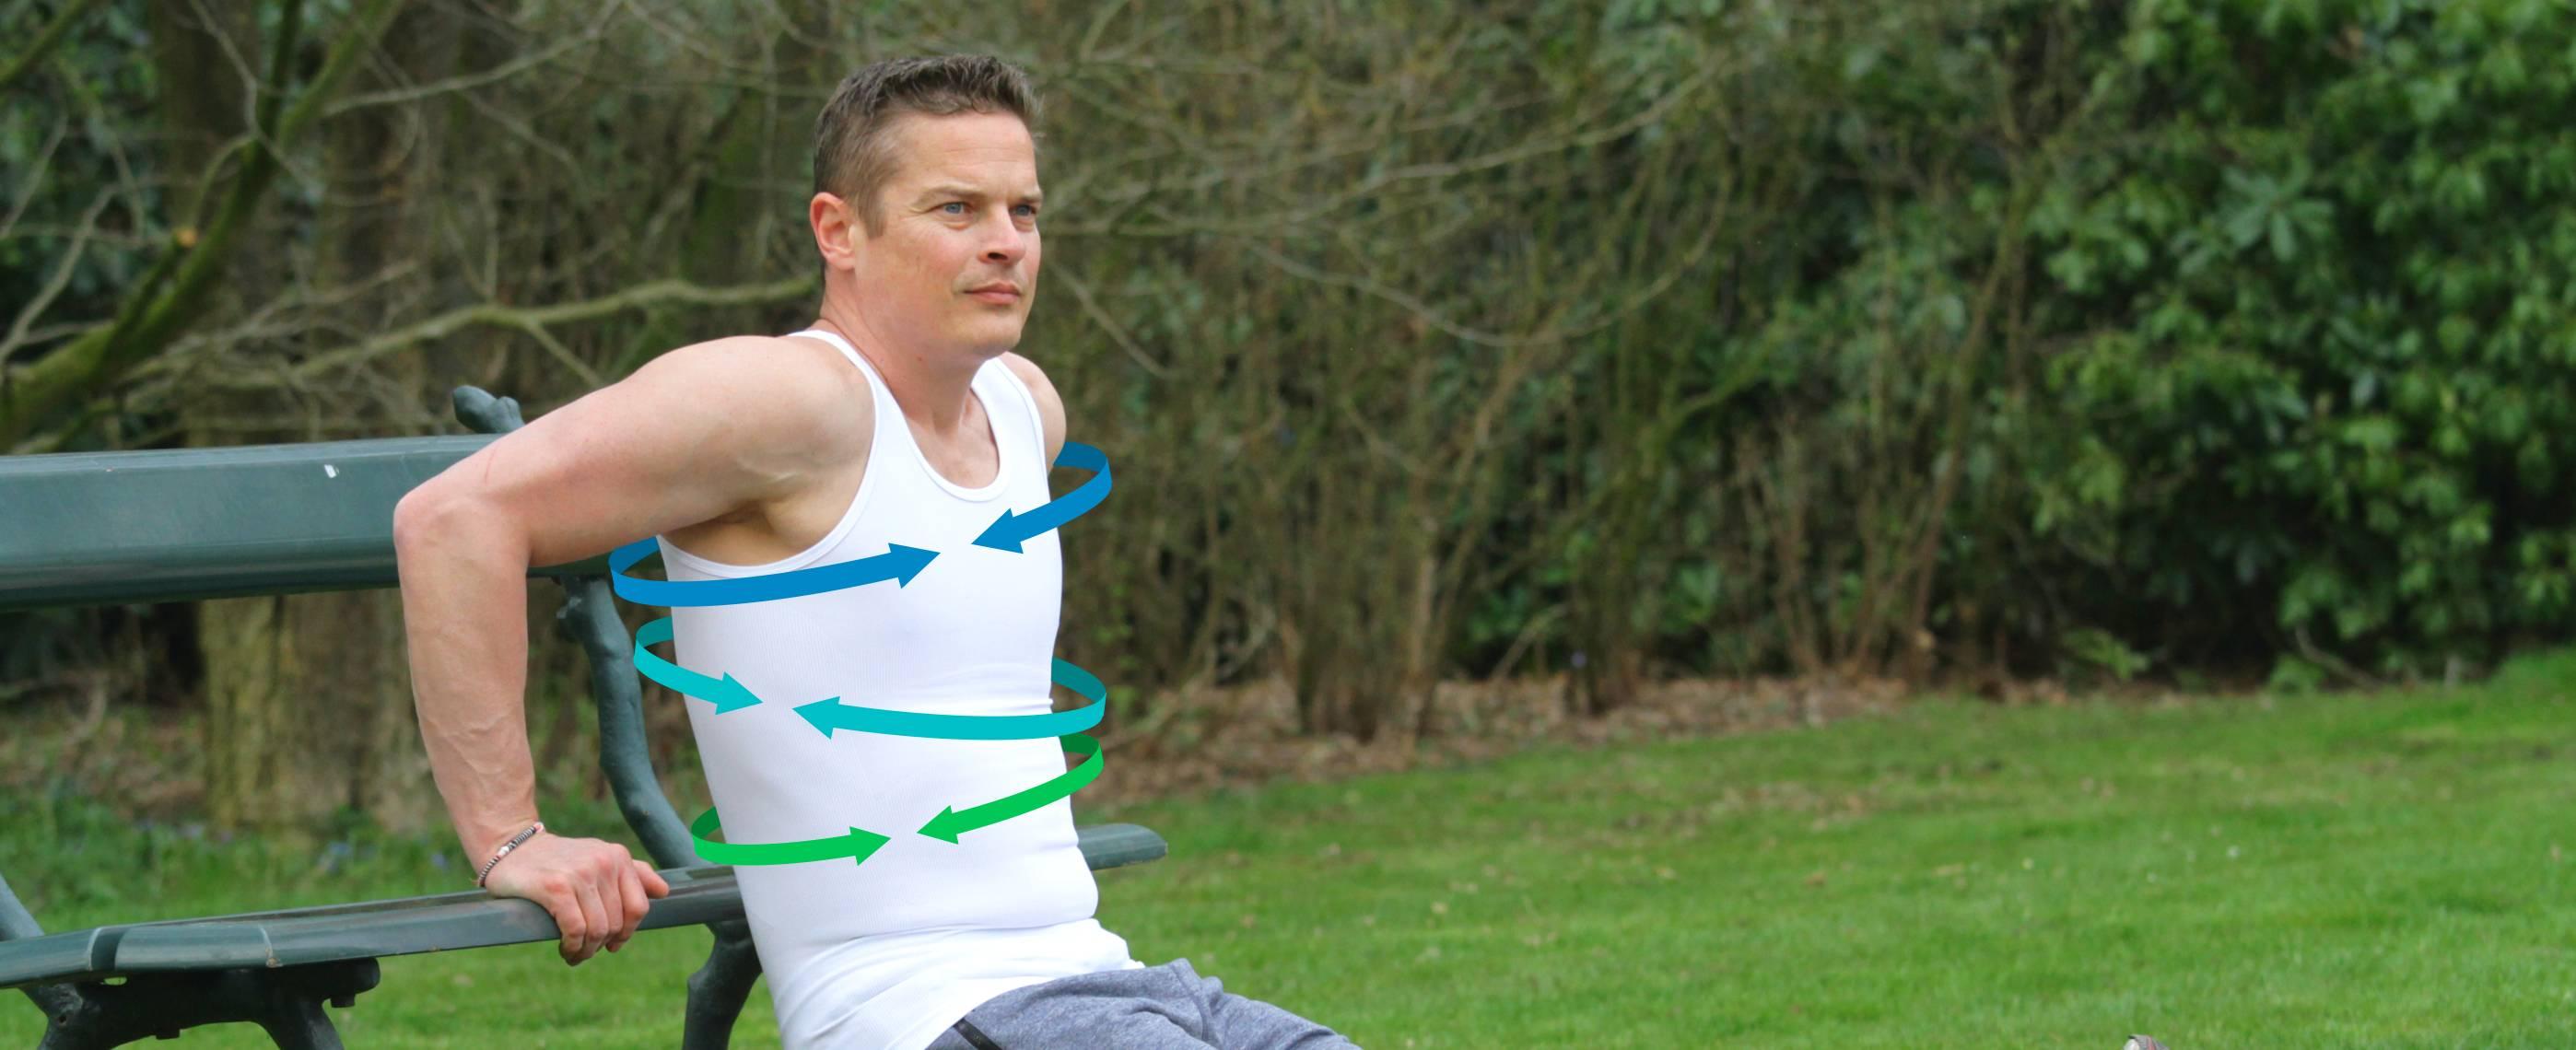 Verbeter je lichaamshouding, voorkom rugklachten en zie er slanker uit!